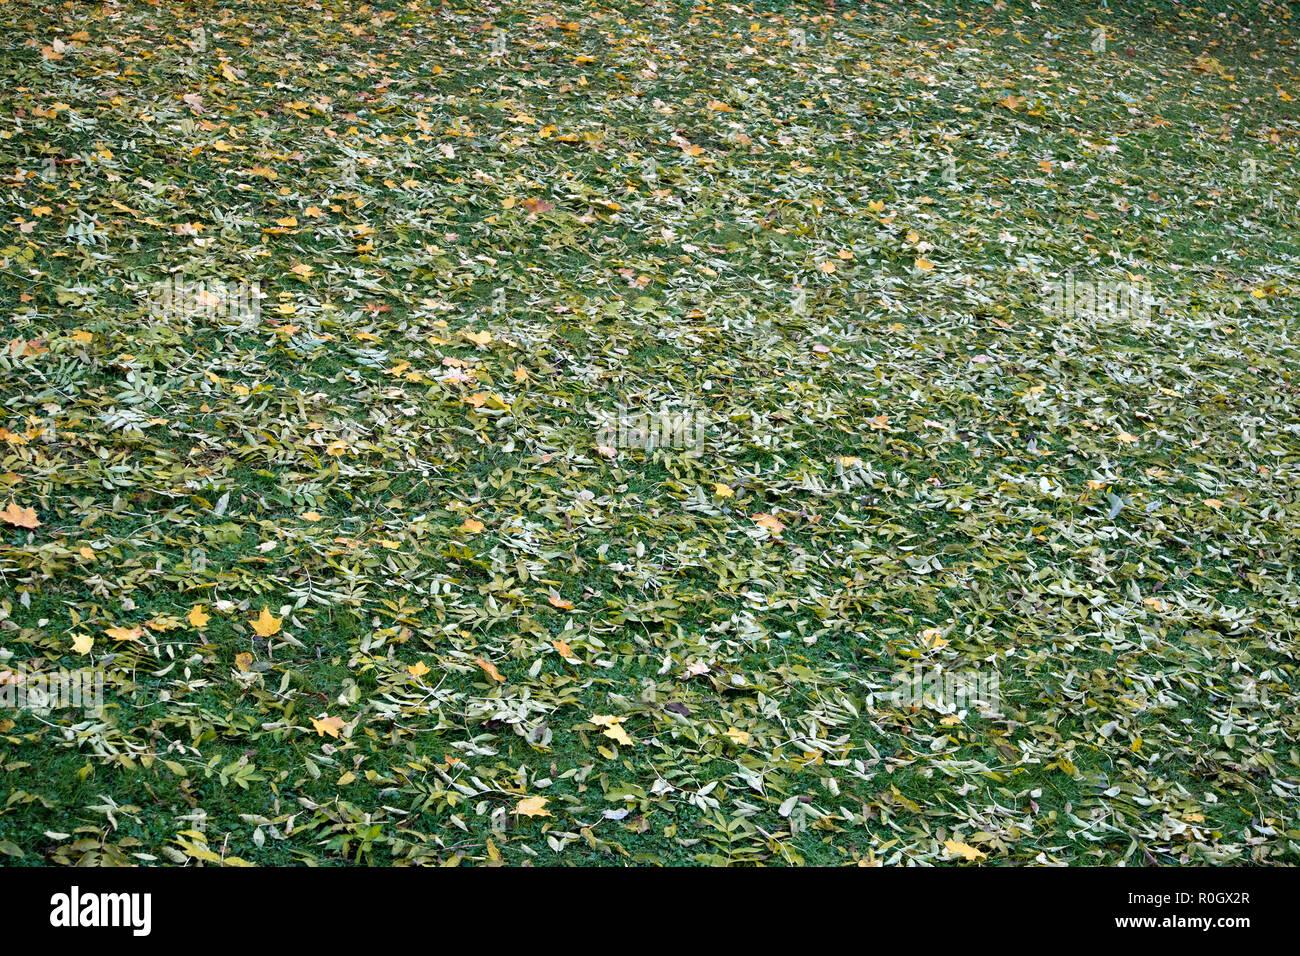 Leaf Lying On Lawn Stock Photos Amp Leaf Lying On Lawn Stock